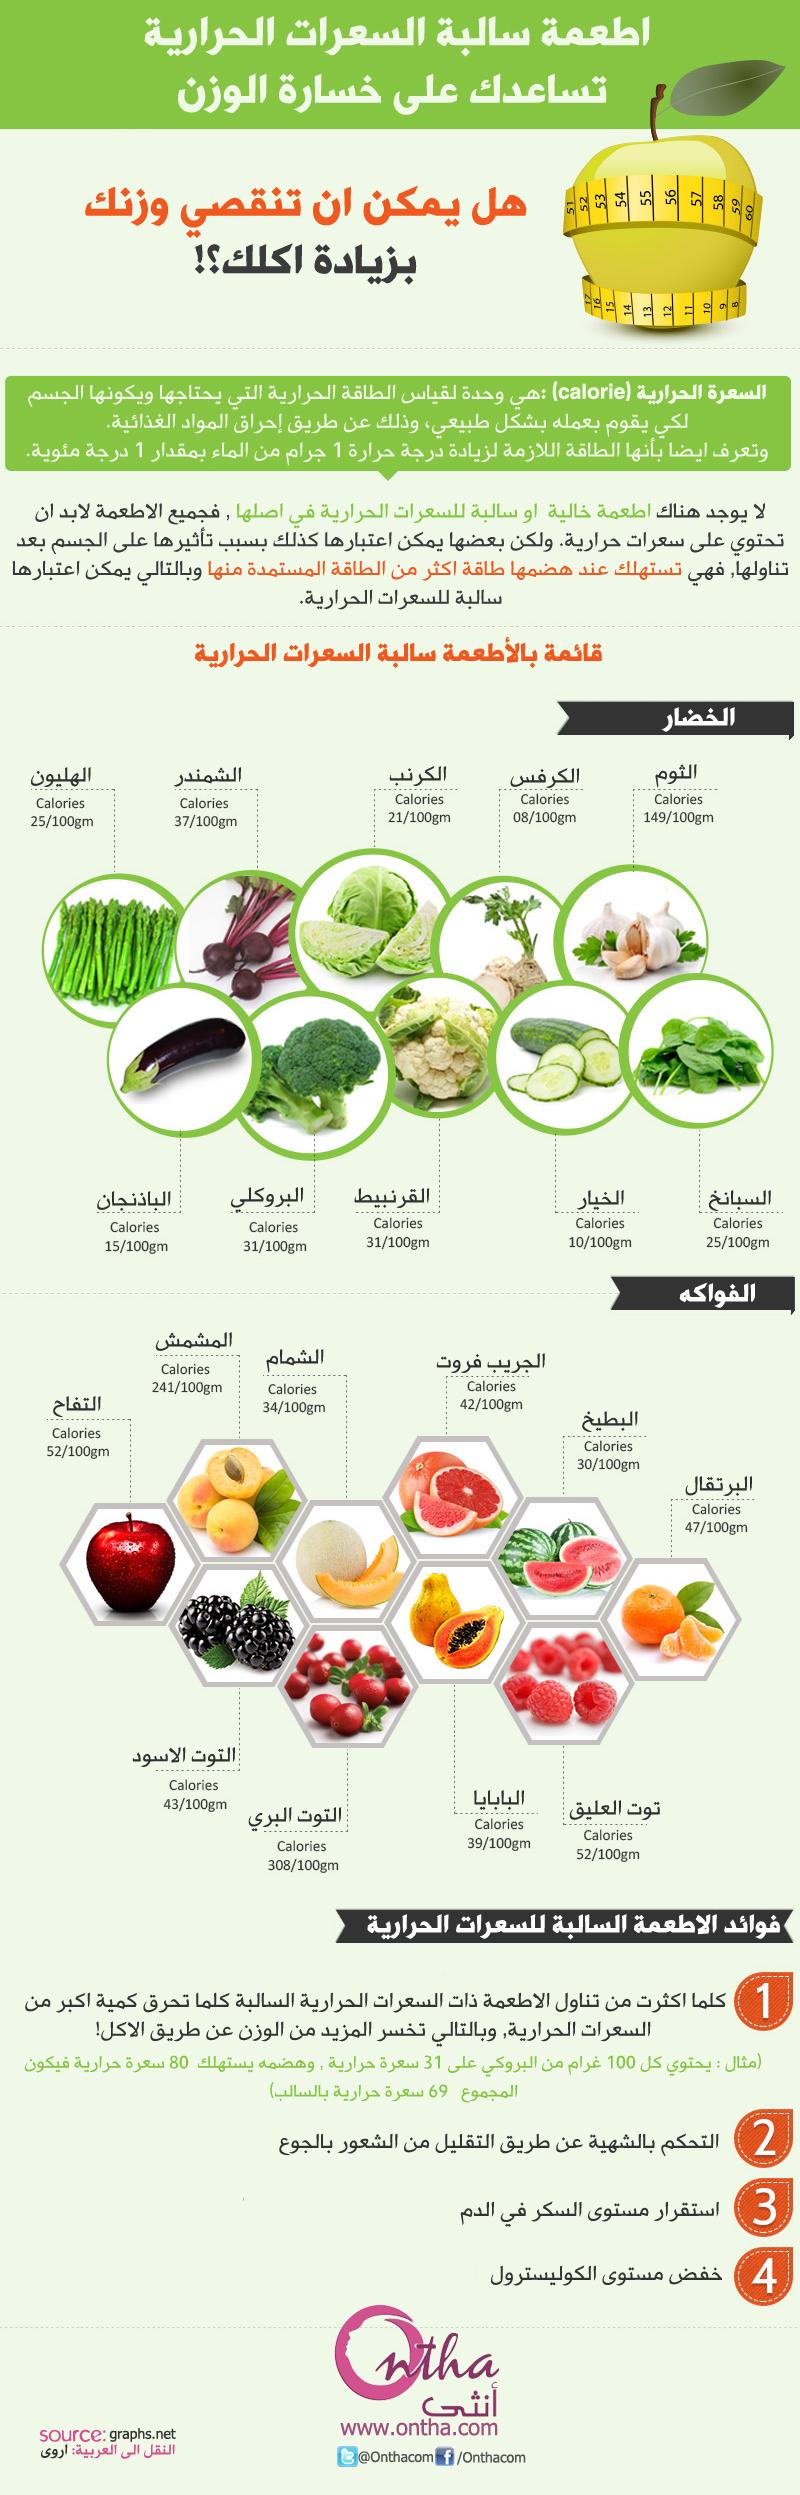 اطعمة سالبة السعرات الحرارية تساعدك على انقاص وزنك بزيادة اكلك أنثى Diabetic Diet Food List Health Fitness Nutrition Dash Diet Recipes